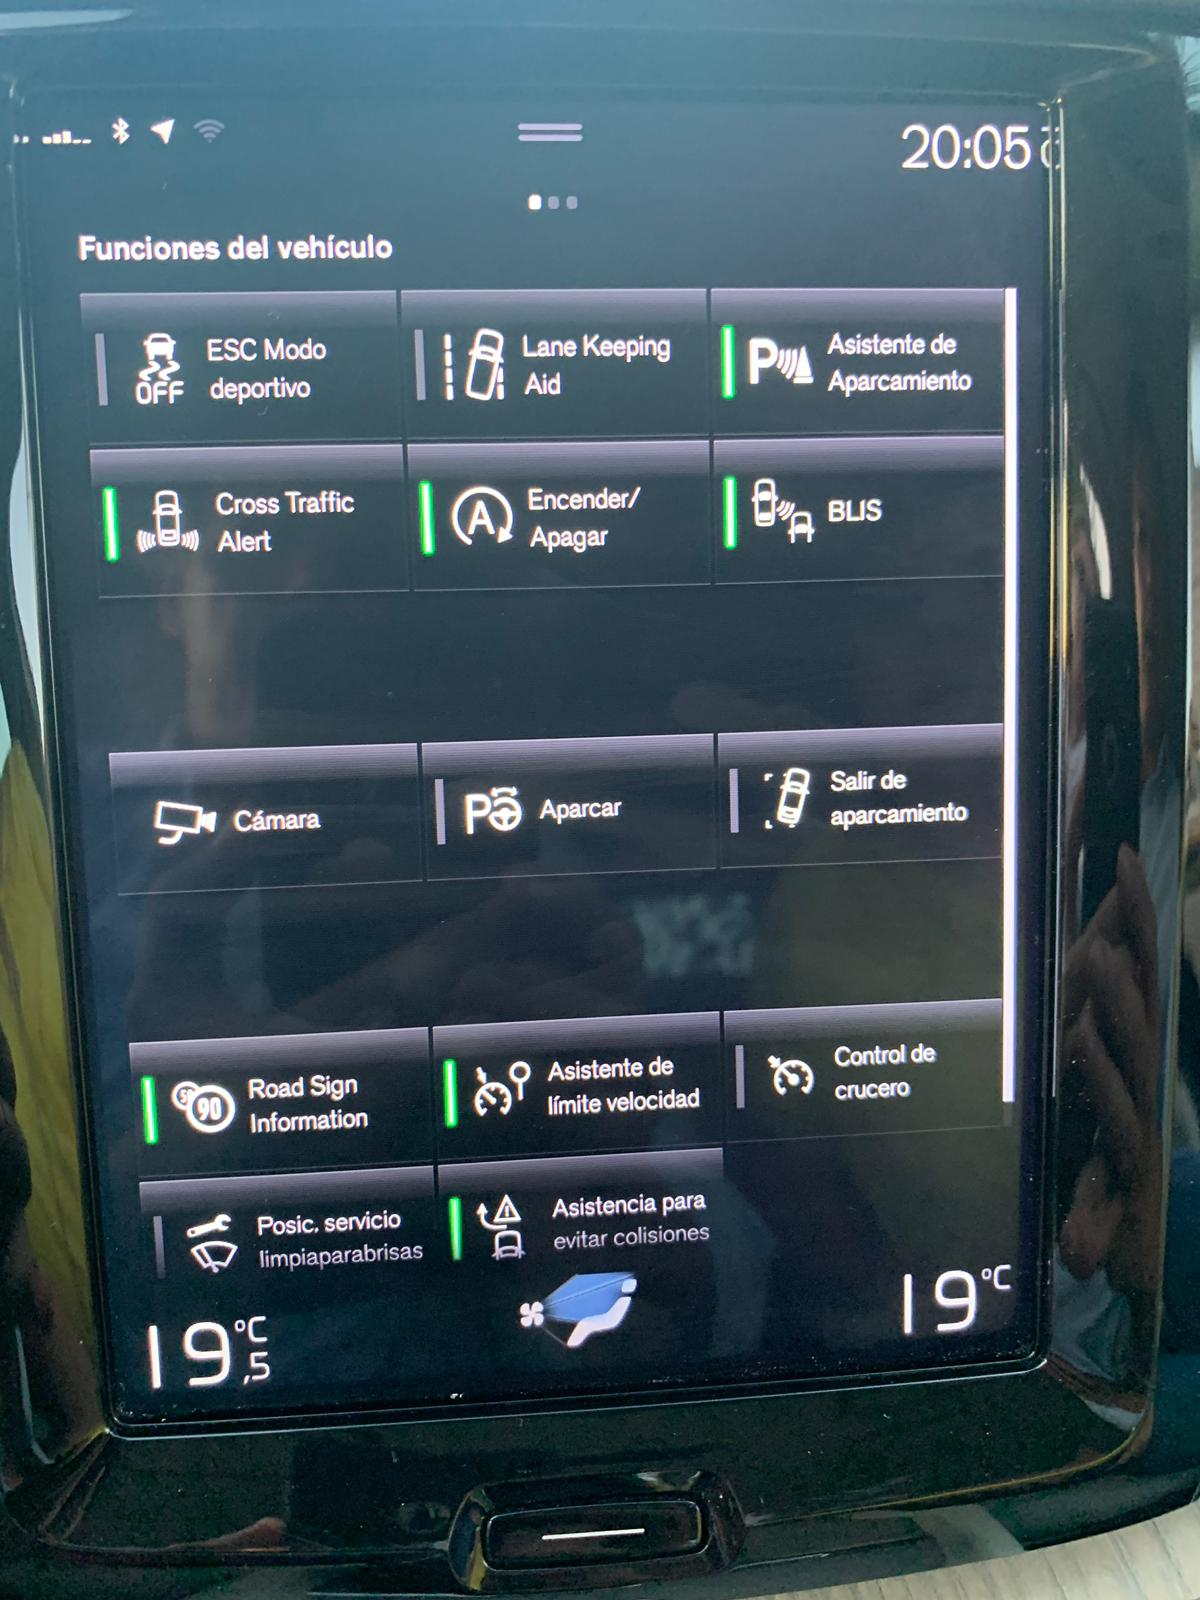 XC60 2.0 INSCRIPTION D4 AWD 2018 SEP19 (13)